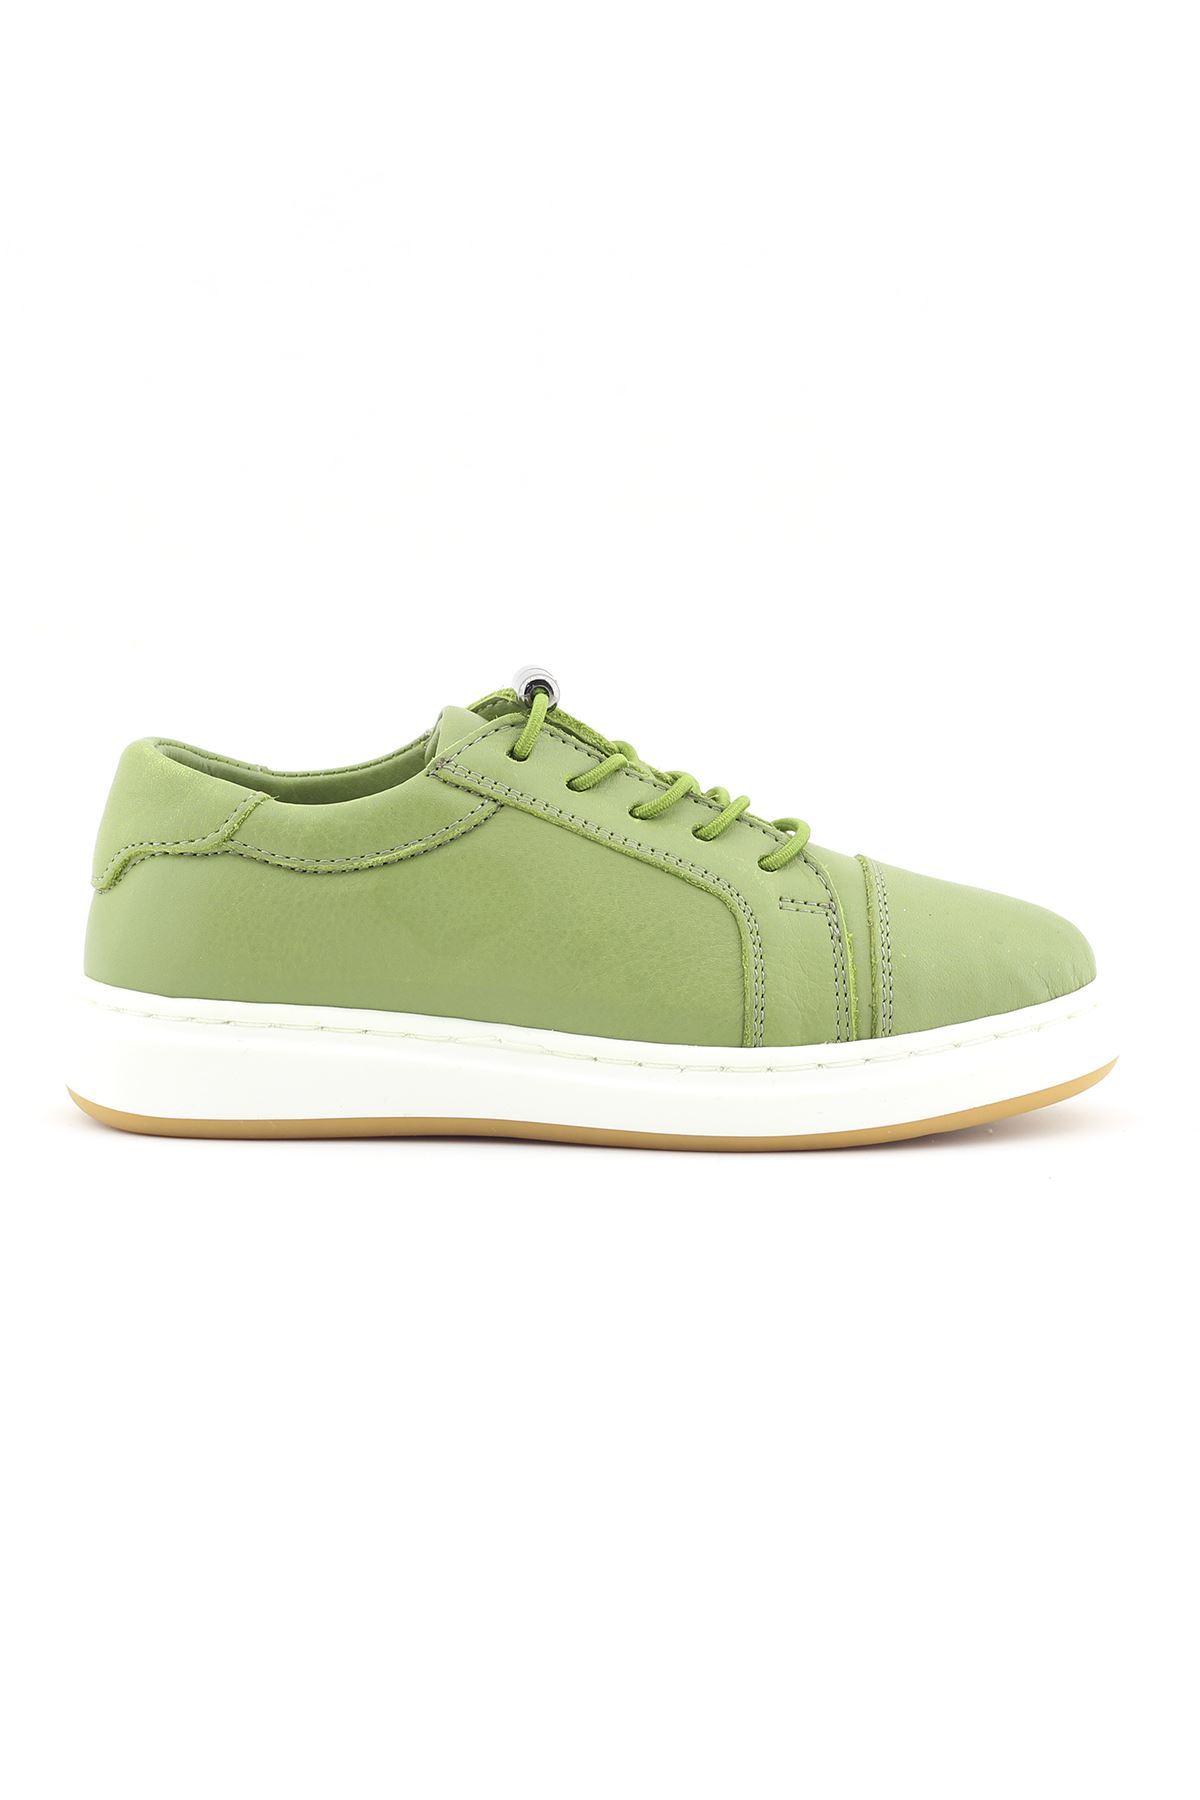 Yeşil Hakiki Deri Bebek/Çocuk ilk Adım Günlük Spor Ayakkabı - BB0405 YEŞİL